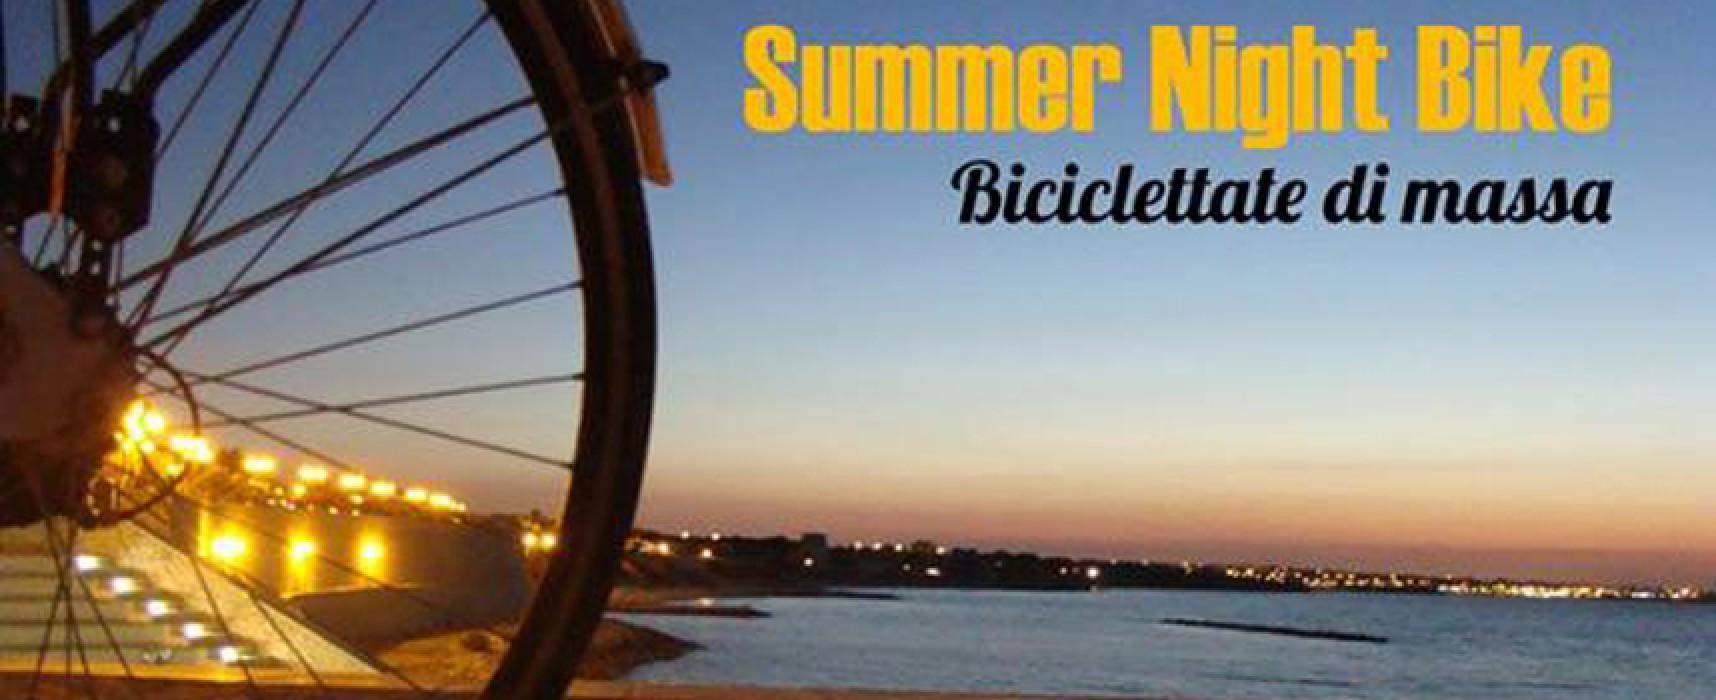 Summer Night Bike, ripartono le passeggiate serali di Biciliae